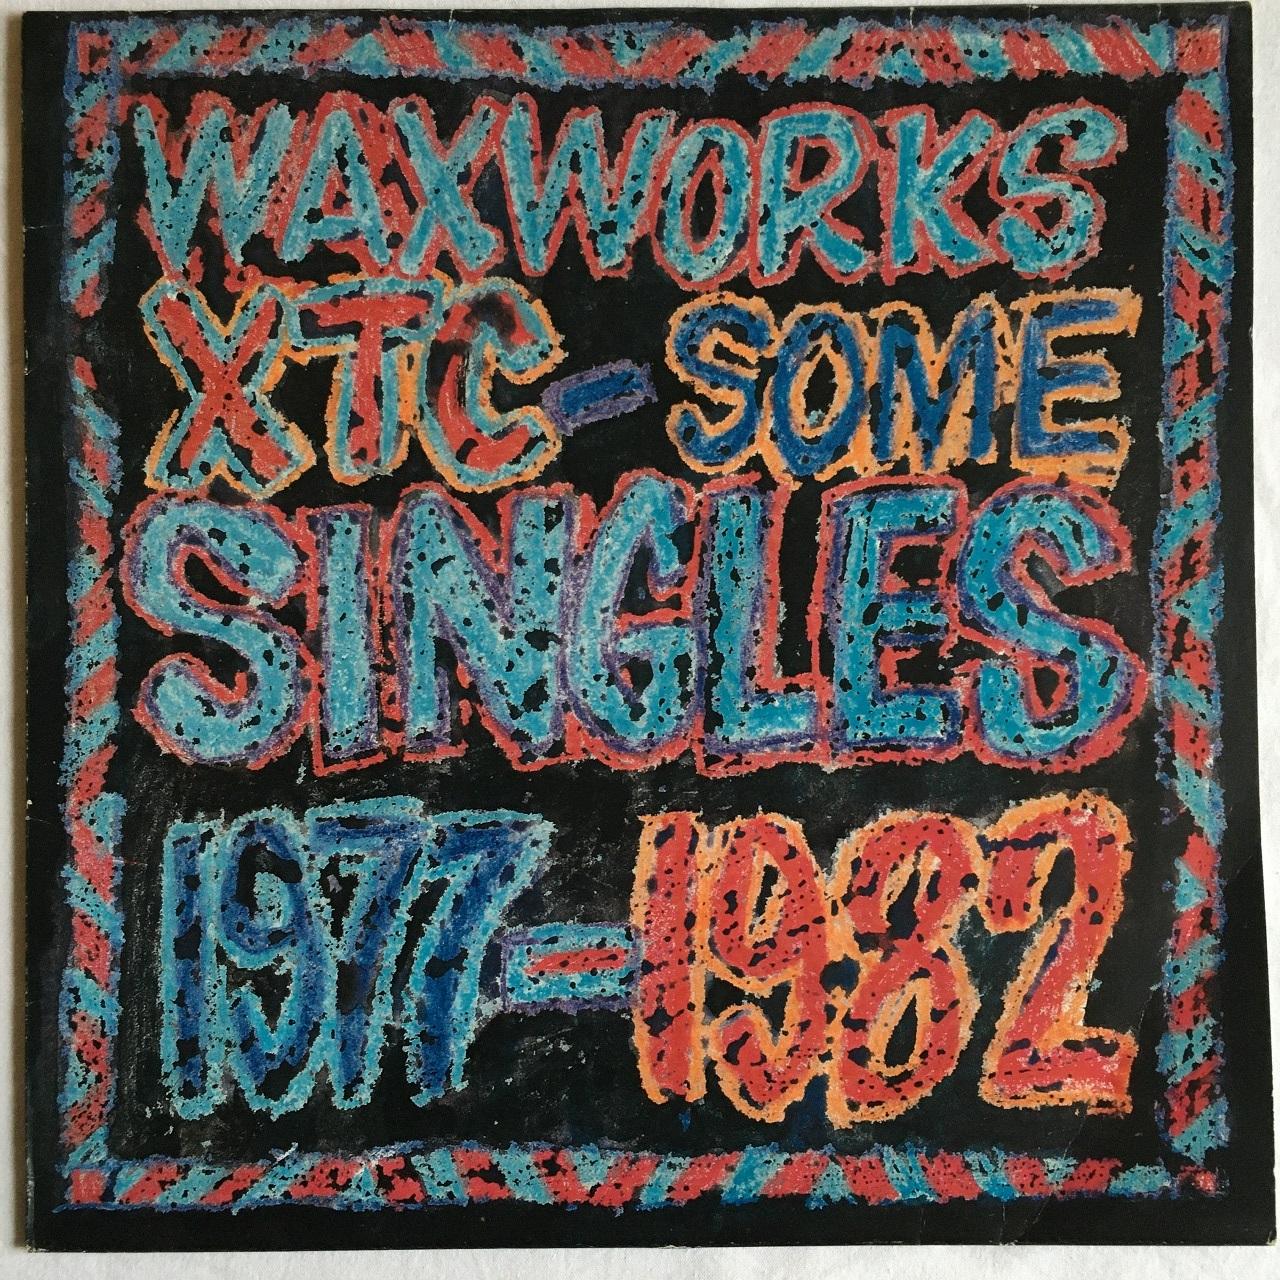 【LP・英盤】XTC / Waxworks - Some Singles 1977-1982